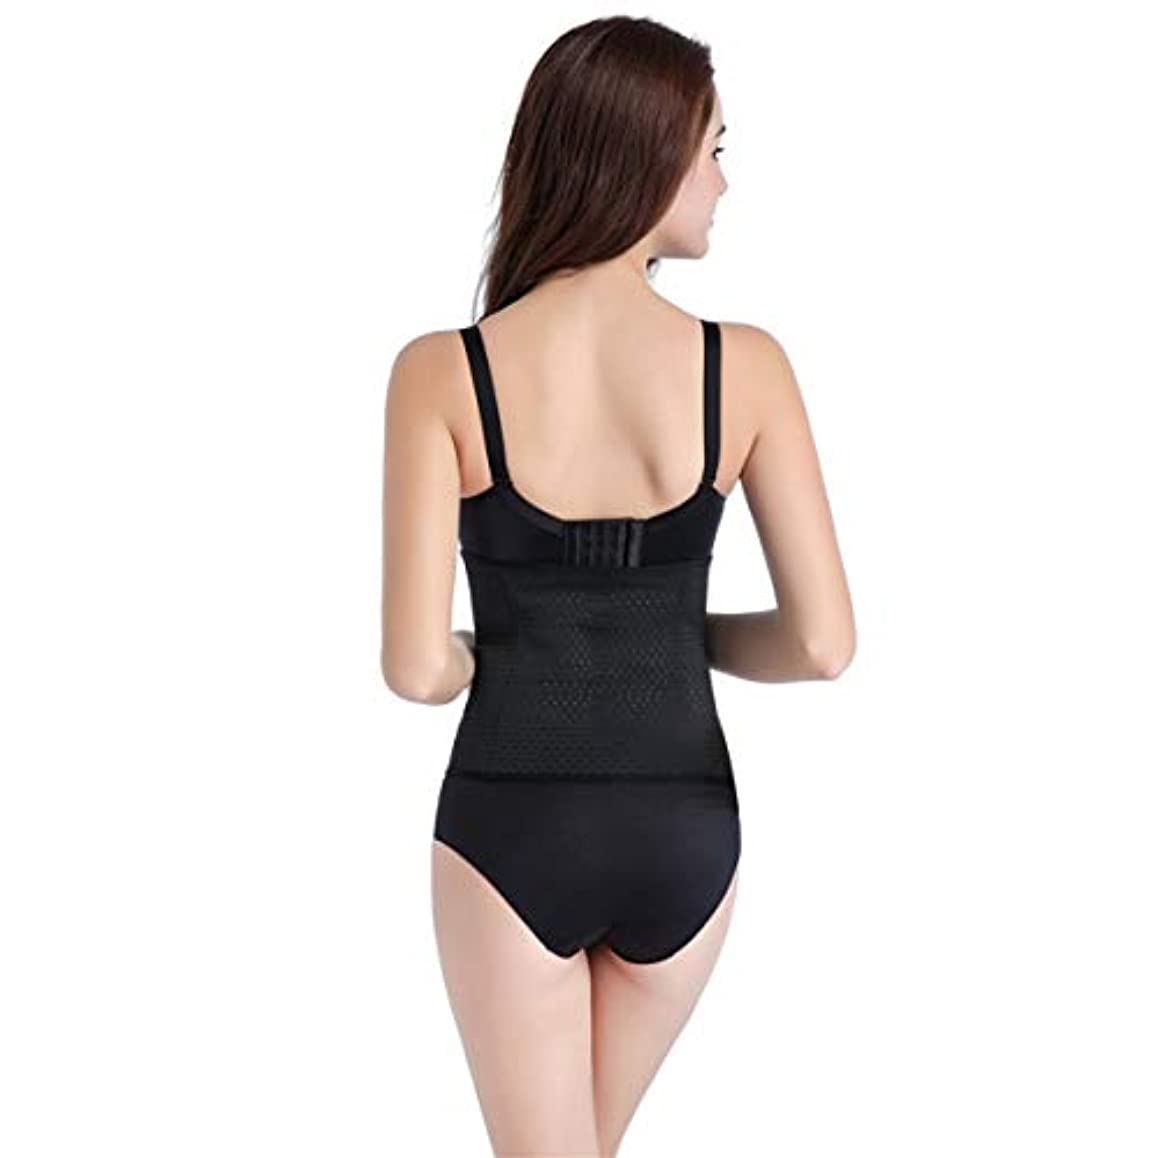 直径ヒューバートハドソンクレデンシャルBody Beauty Trainer Hollow Out Postpartum Abdomen Slimming Belly Body Shaper Breathable Sweet Sweat Corset Waist...